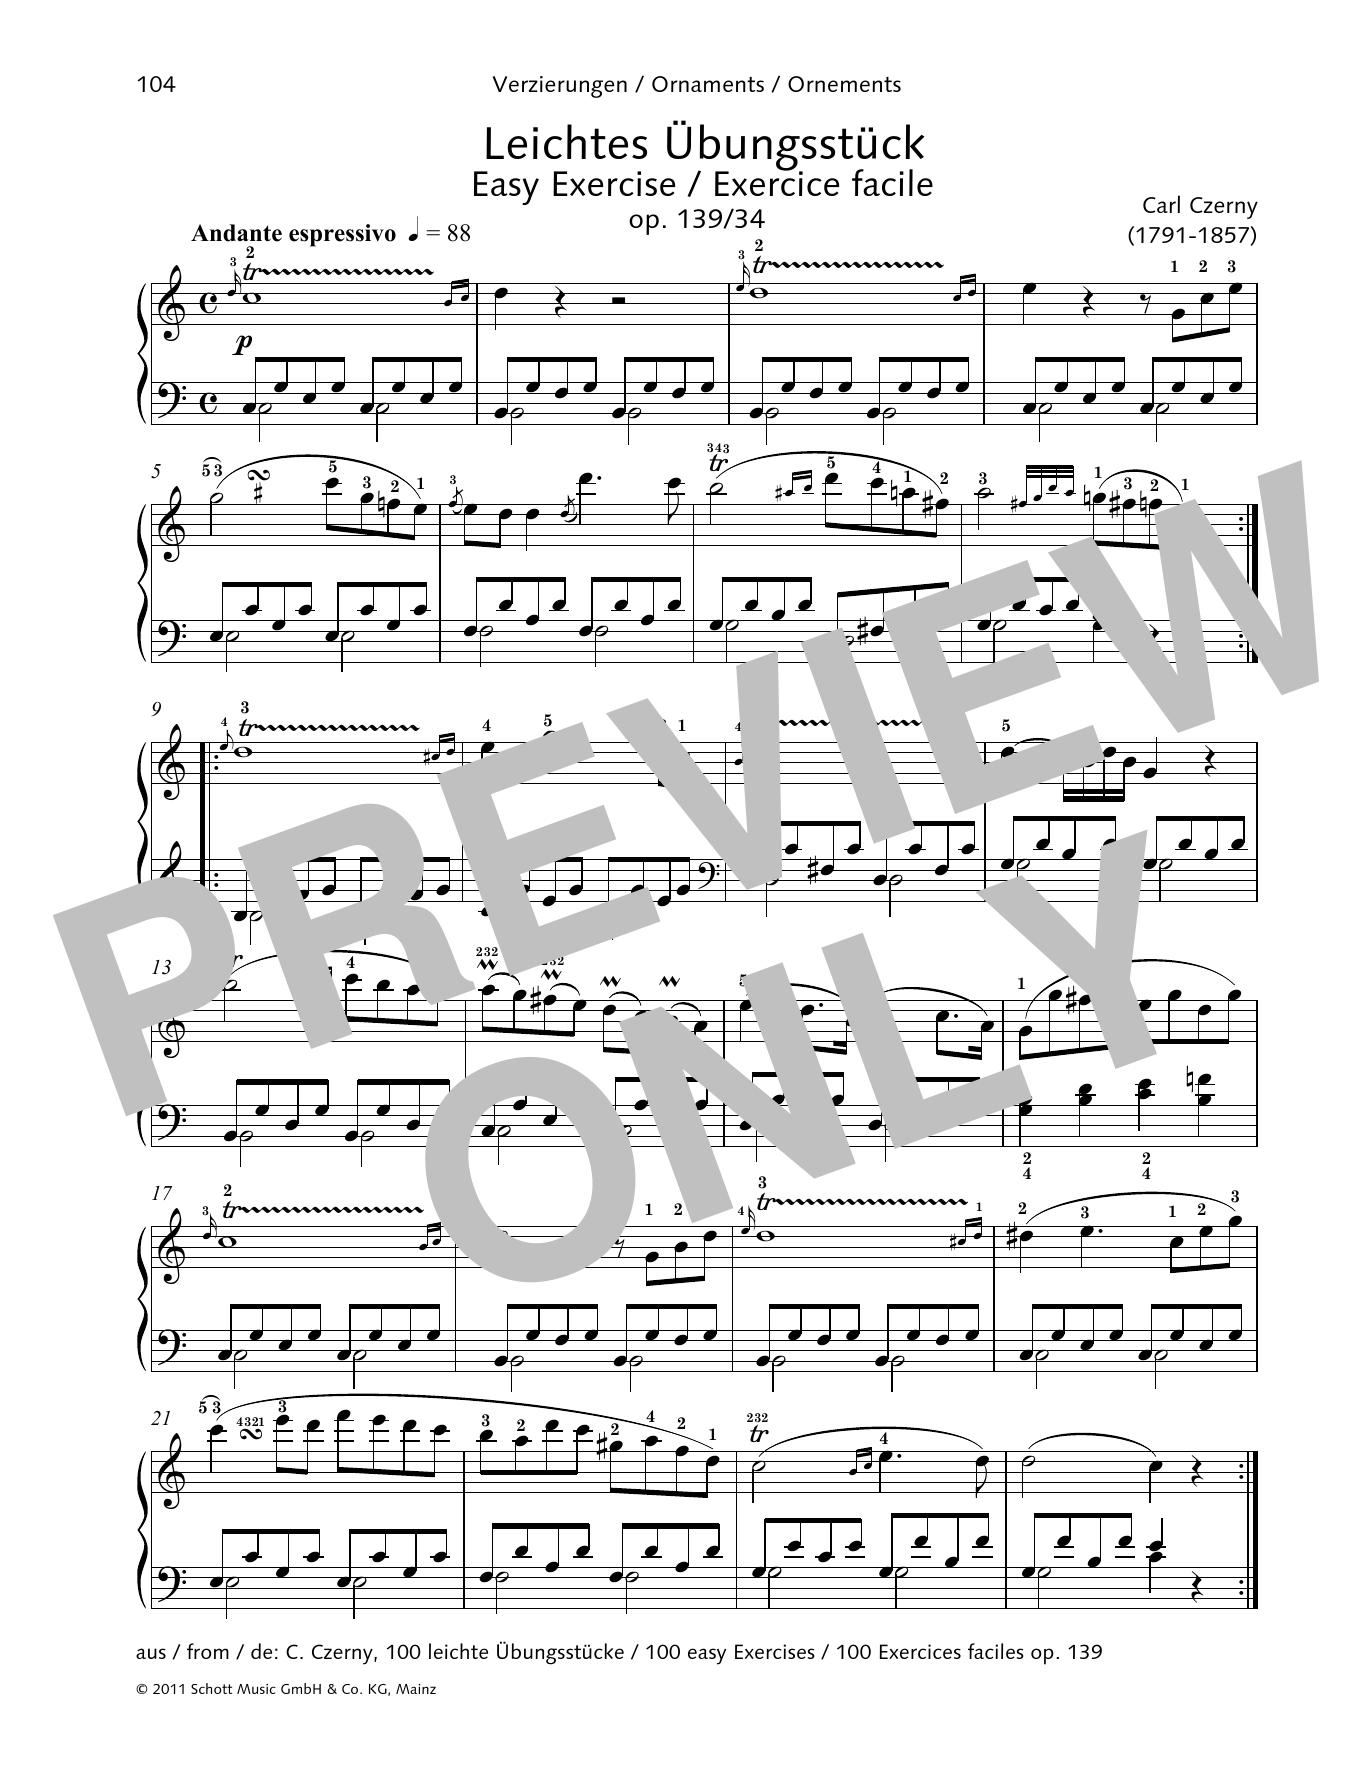 Easy Exercise Sheet Music